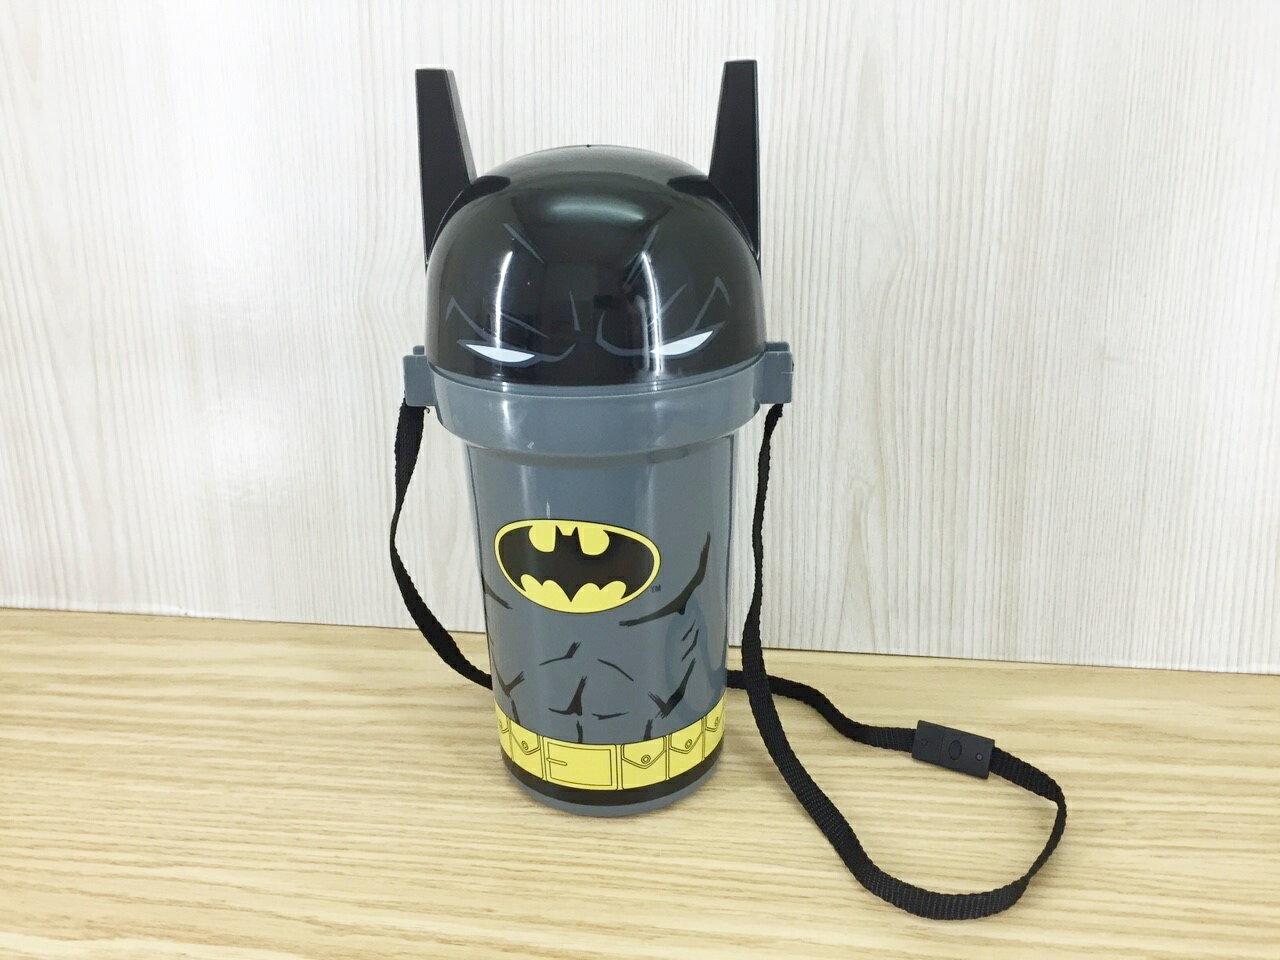 【真愛日本】15122900001 樂園限定爆米花筒-蝙蝠俠 BATMAN 英雄 澳洲迪士尼 公仔 收藏品 玩具